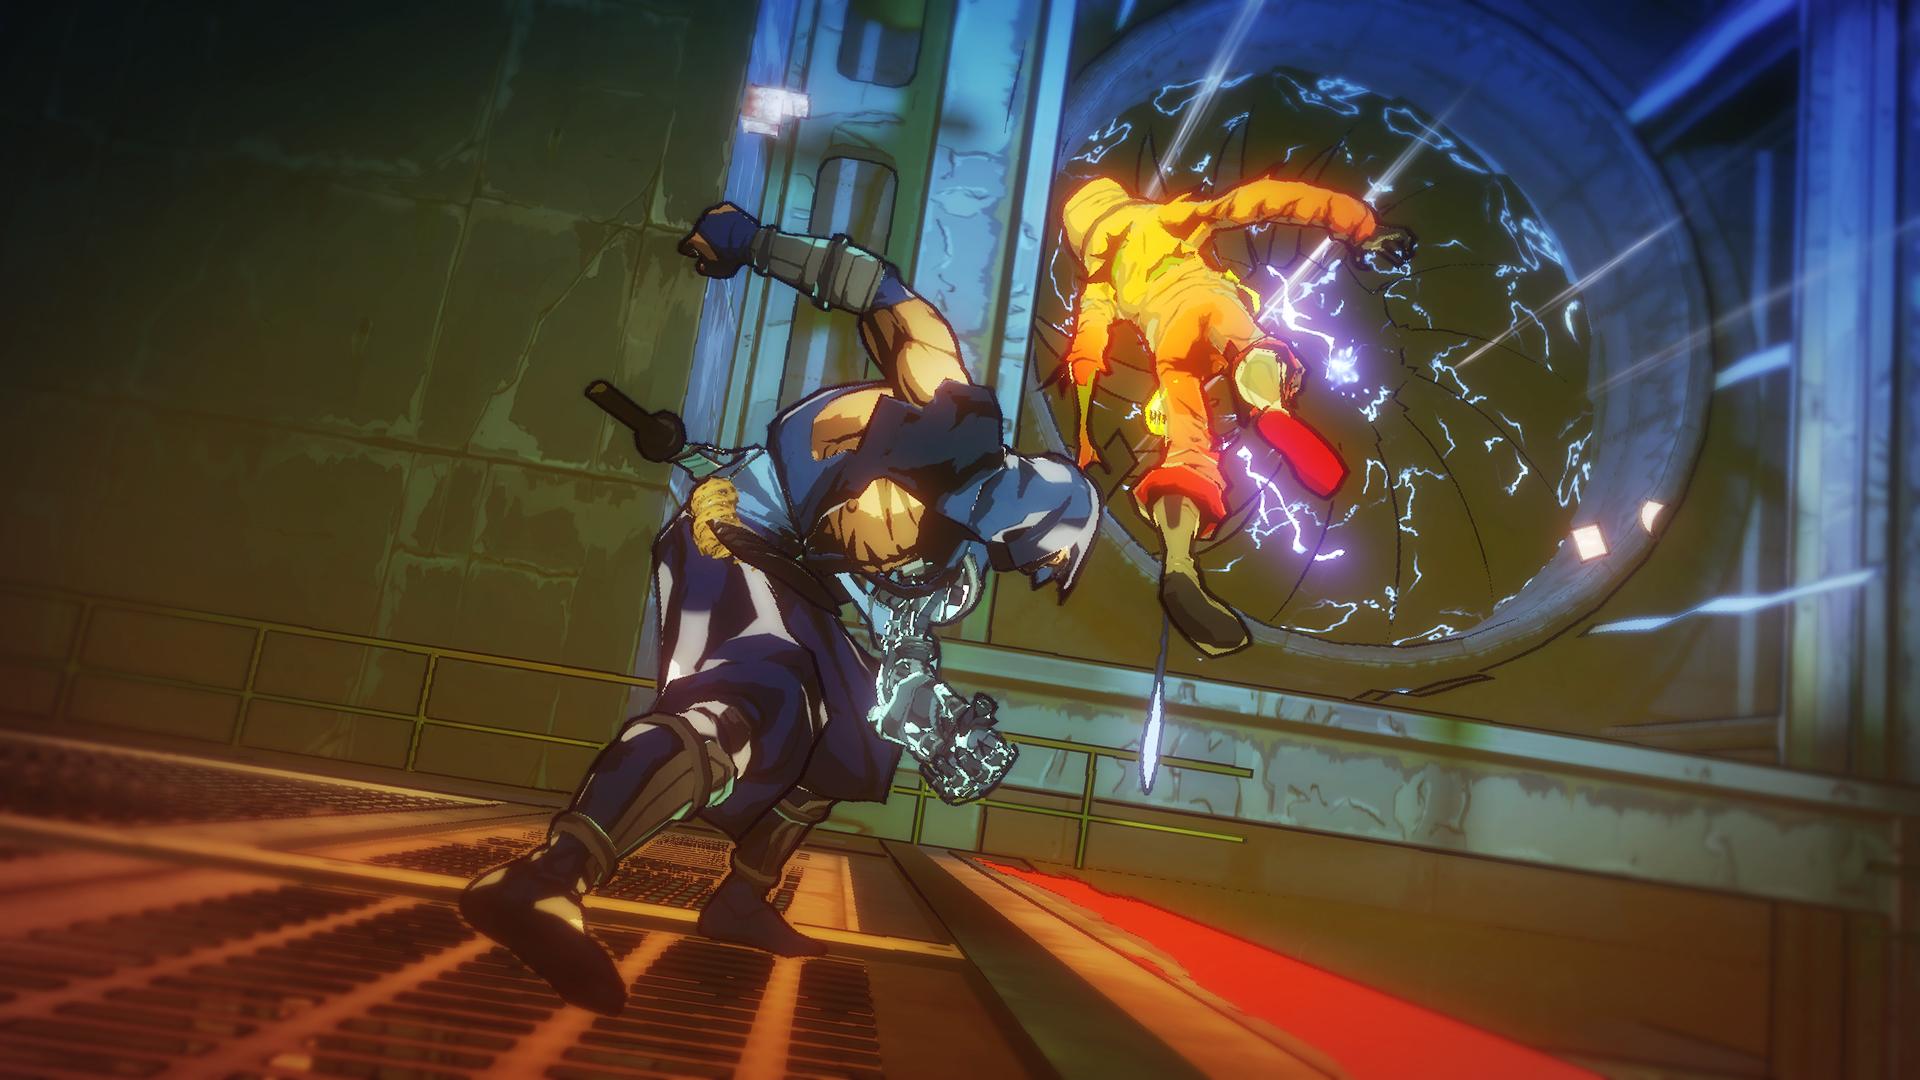 Obrazem: Rozcupování zombíků v Yaiba: Ninja Gaiden Z 90146